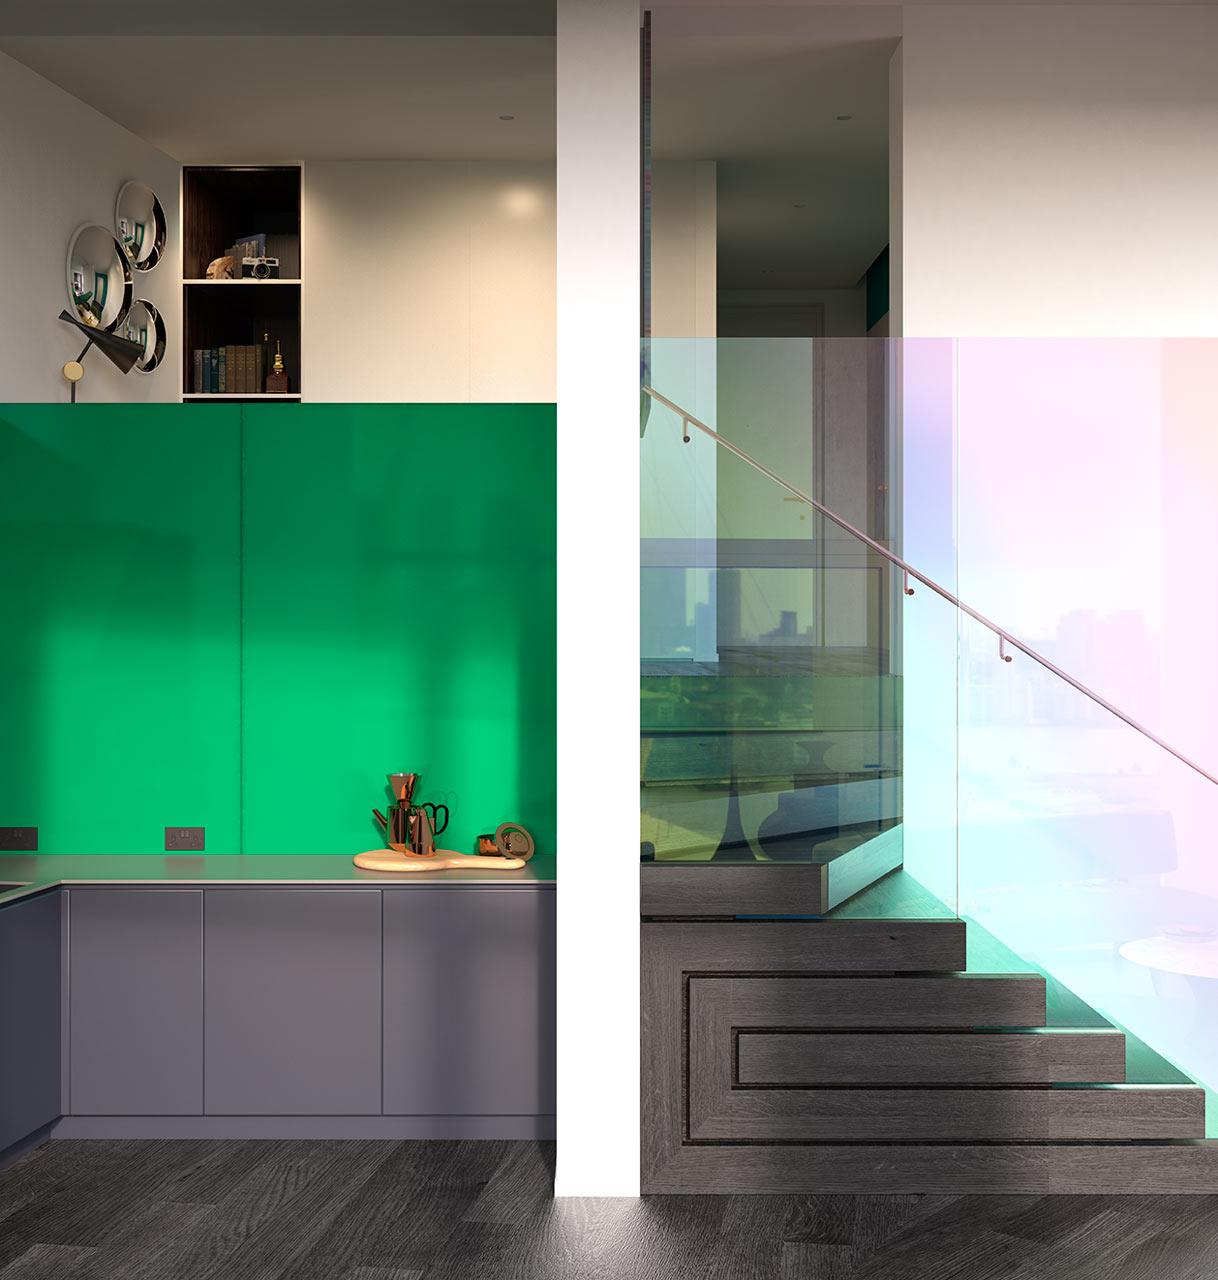 سلم بتصميم متميز جرأة وروعة الألوان في تصميم وحدات سكنية عصرية